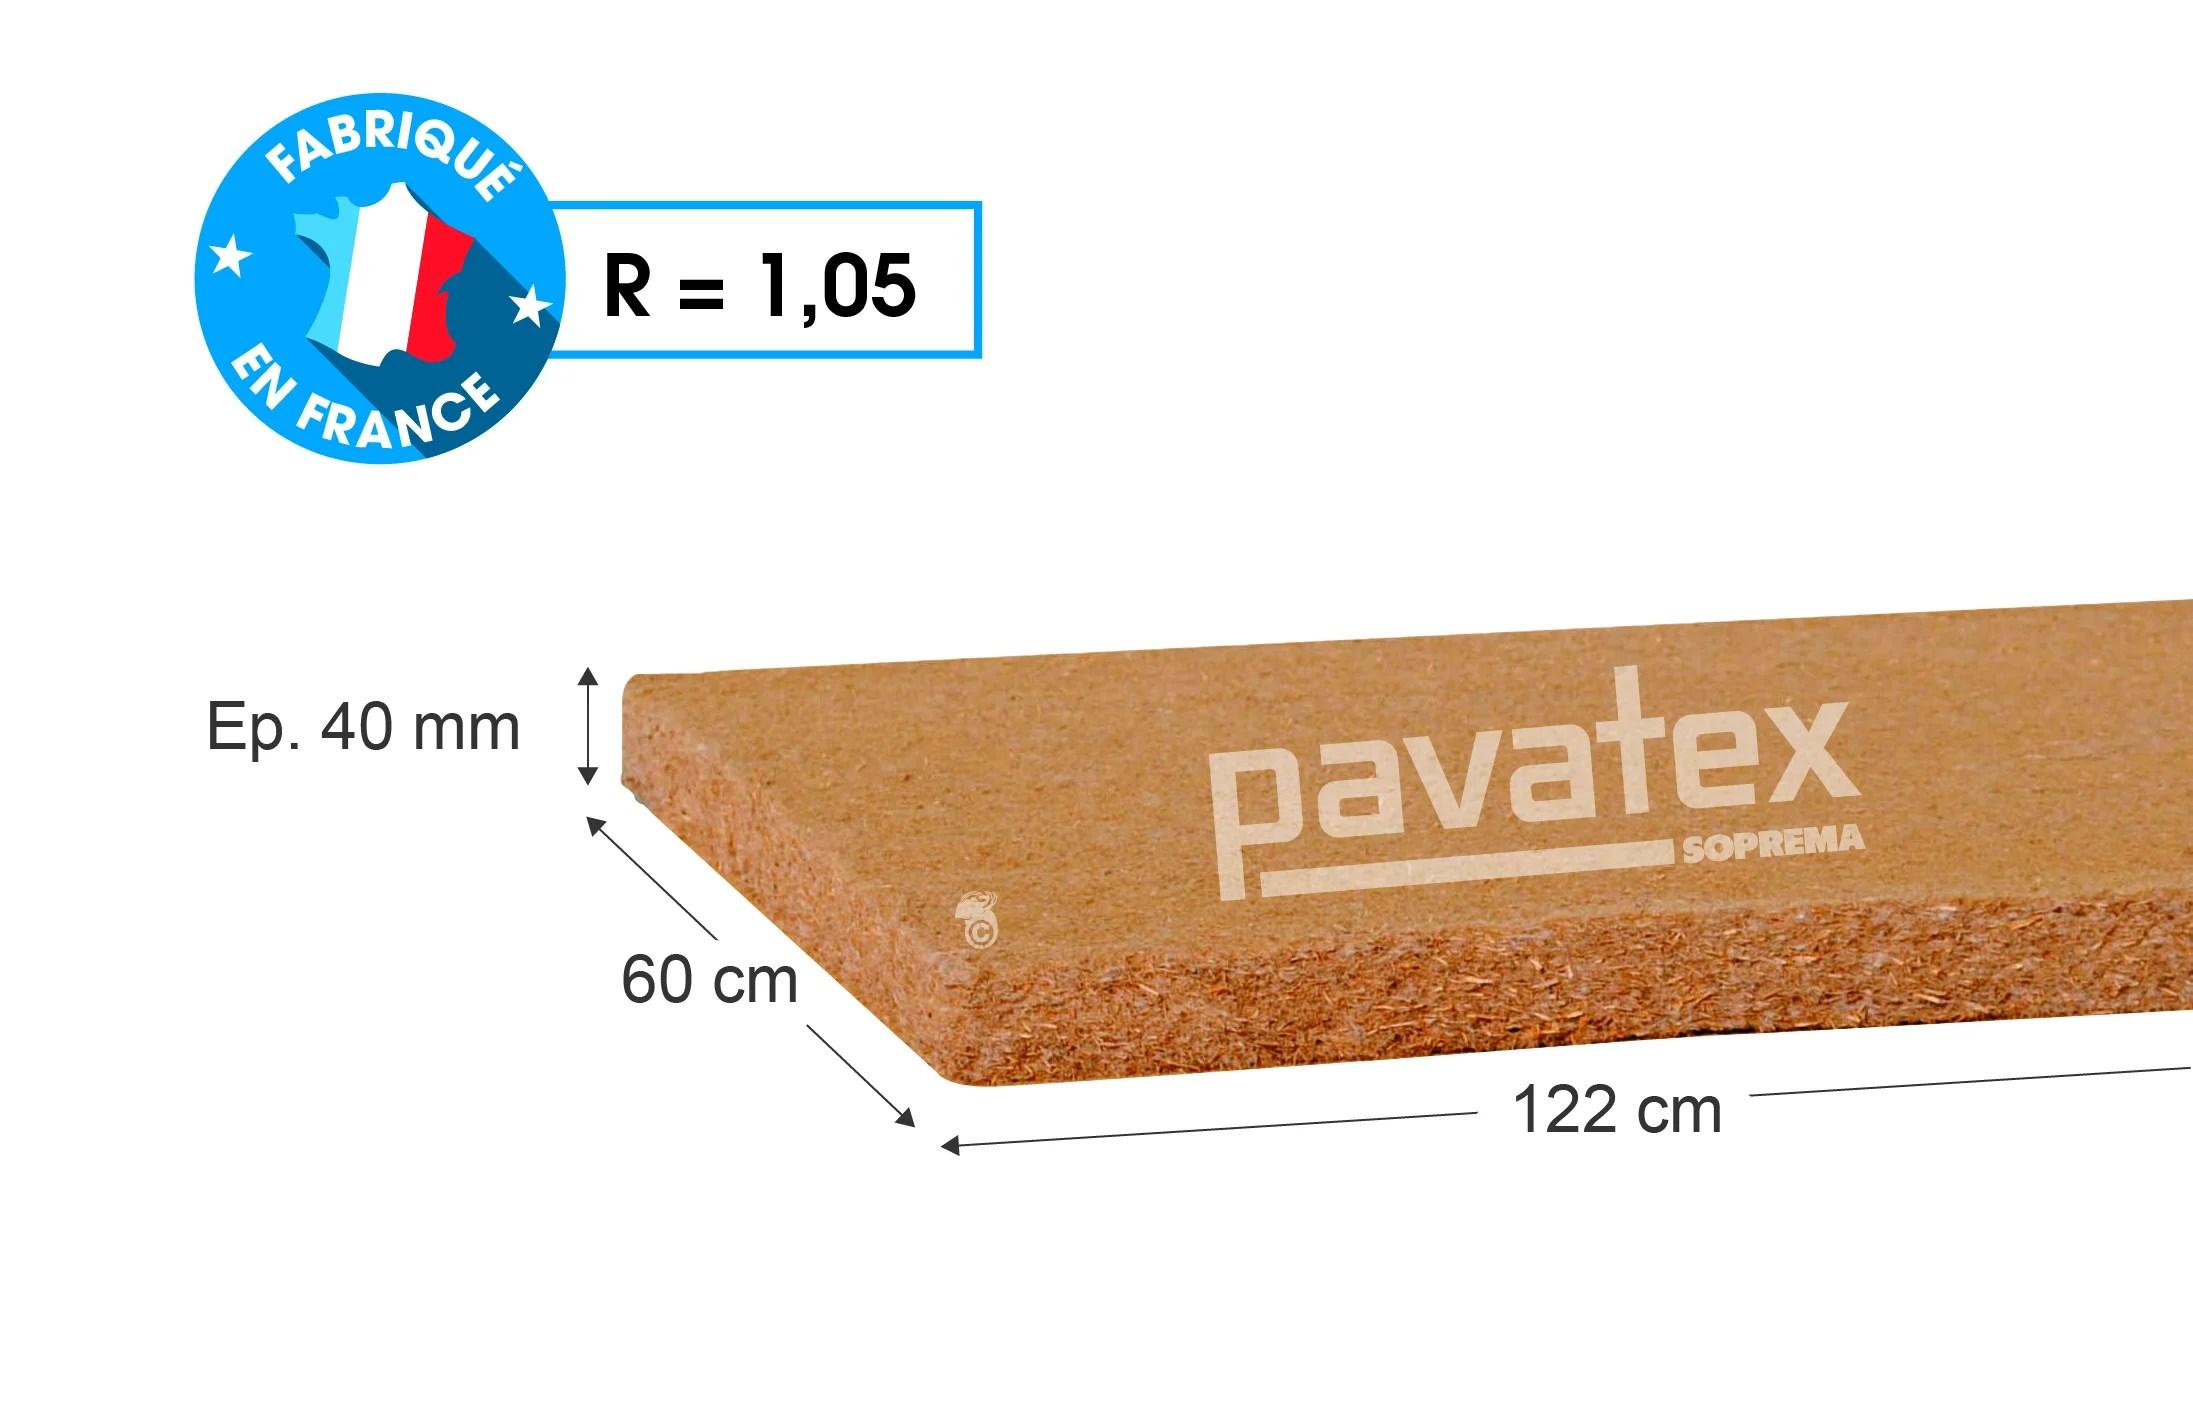 10 Panneaux Fibre De Bois Pavatex L 0 6 X L 1 22 M X Ep 40 Mm Leroy Merlin